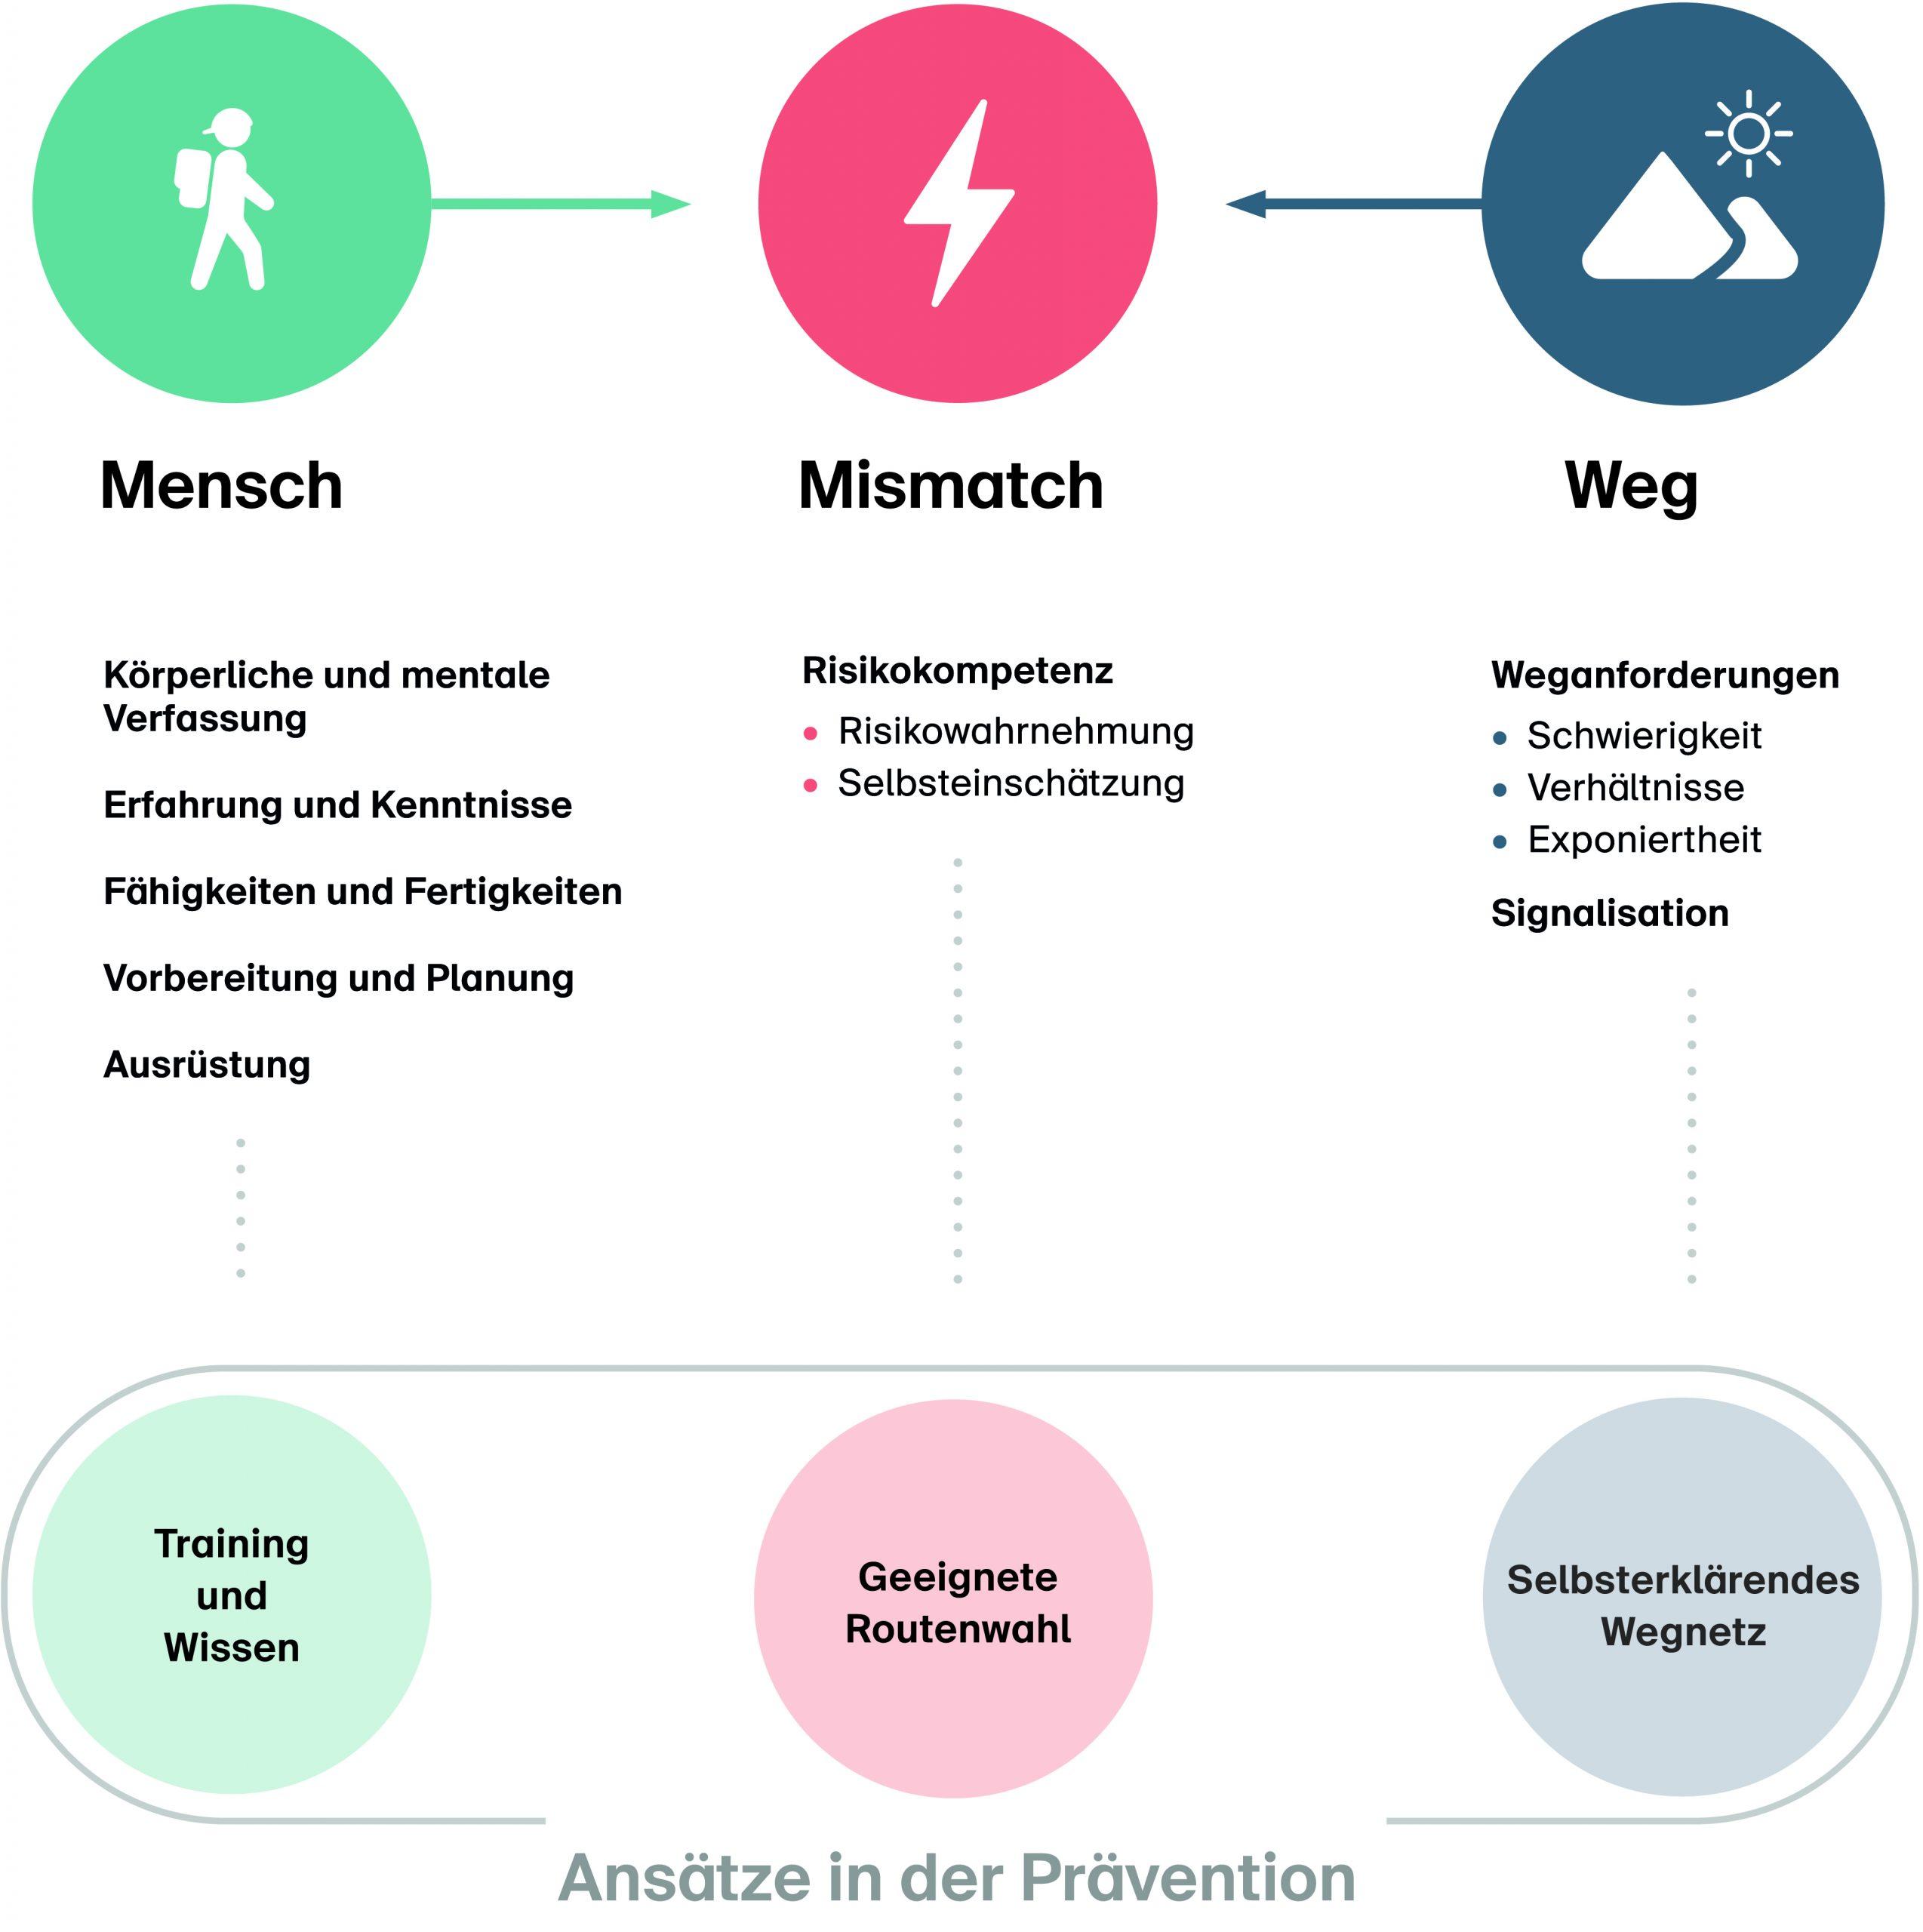 Abb. 2 Mismatch zwischen Voraussetzungen der Wanderer*innen und Weganforderungen.